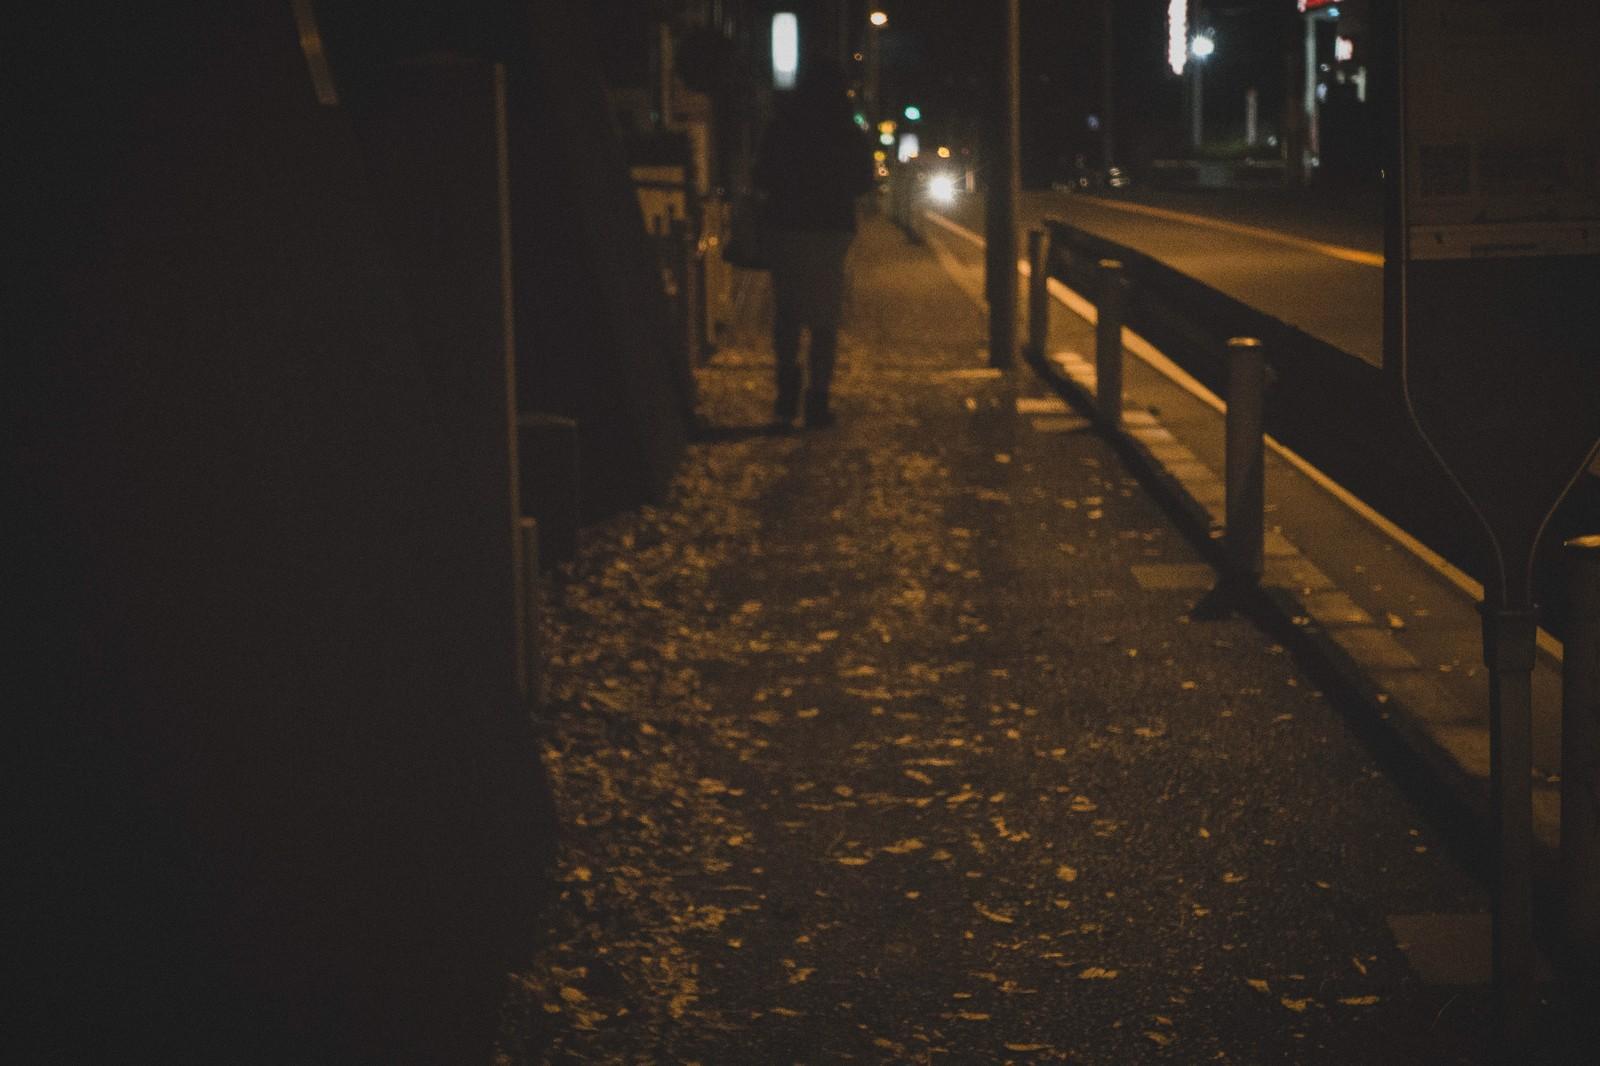 深夜の帰宅 女性 ストーカー